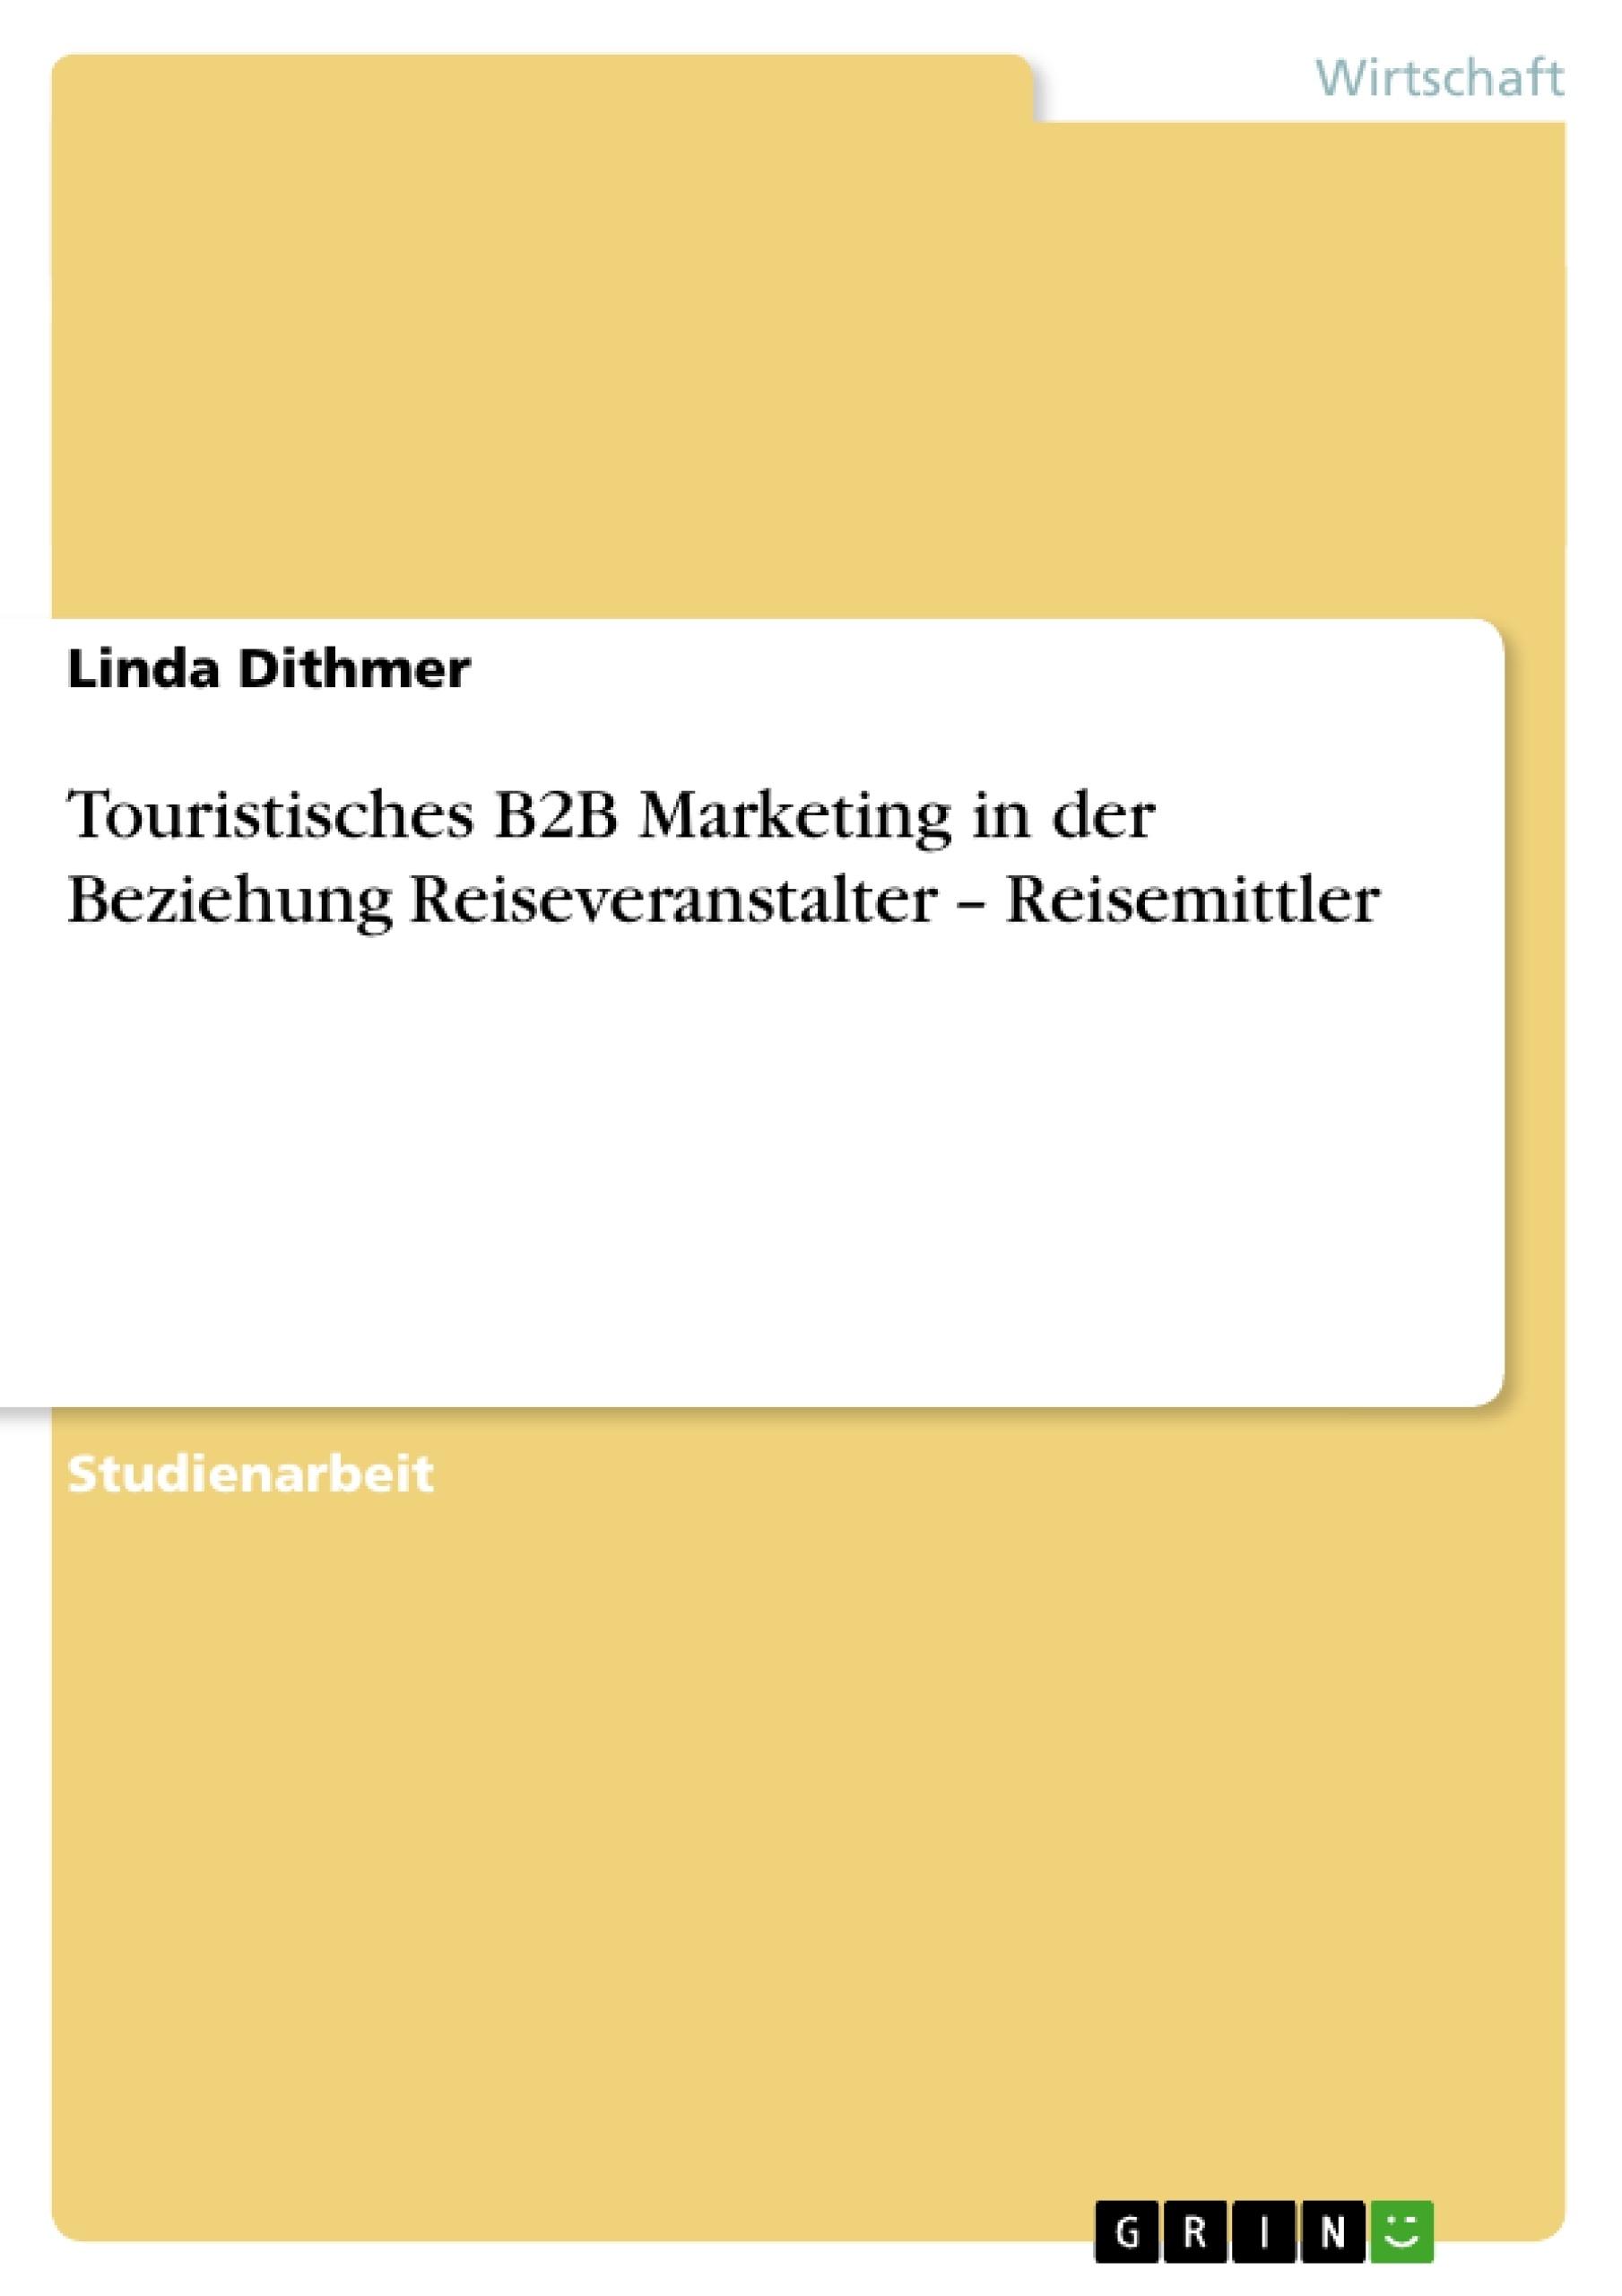 Titel: Touristisches B2B Marketing in der Beziehung Reiseveranstalter – Reisemittler